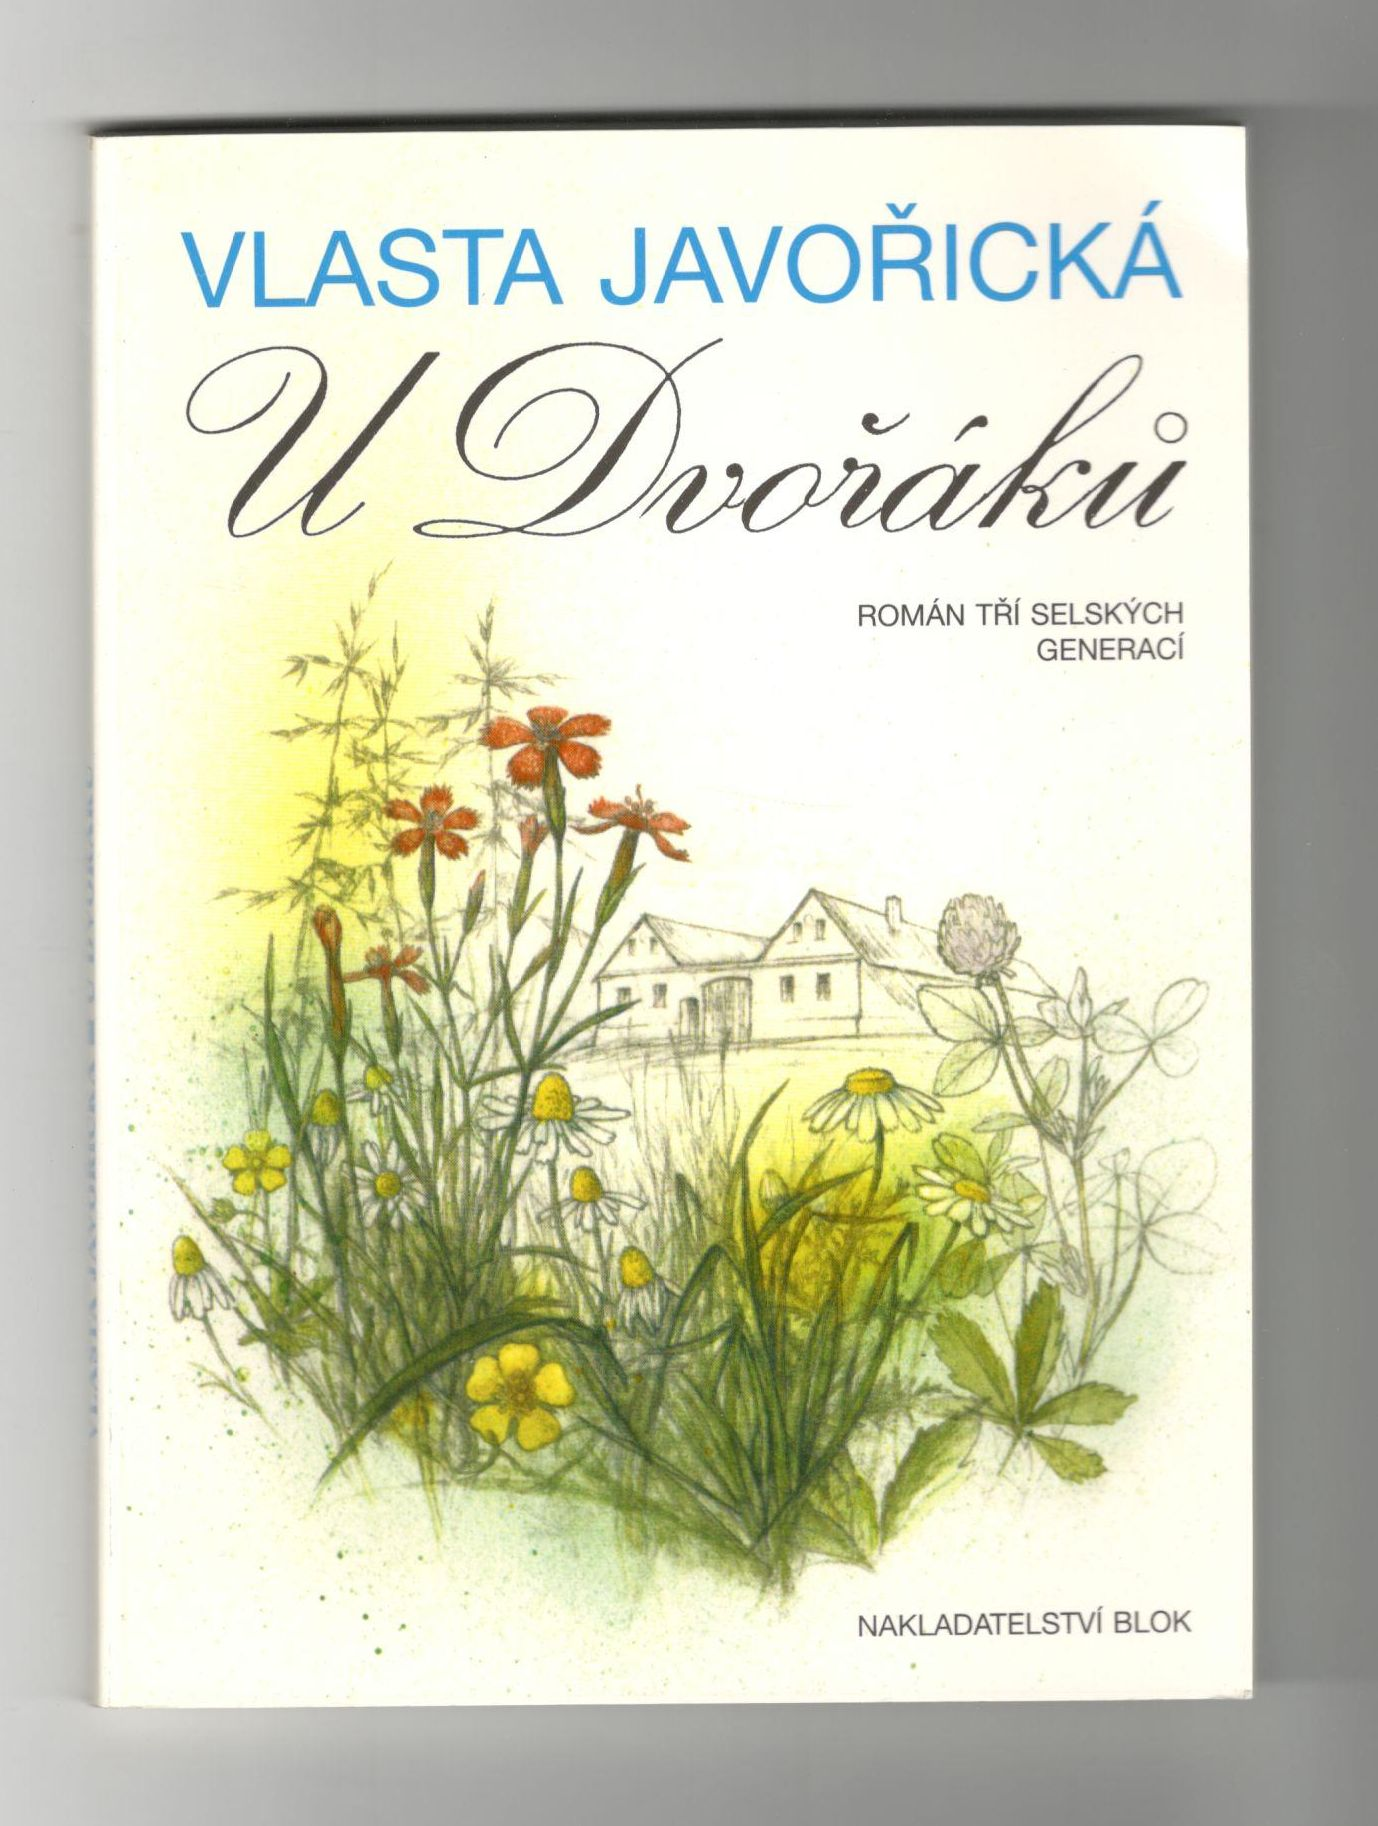 U Dvořáků - Vlasta Javořická (Román tří selských generací)